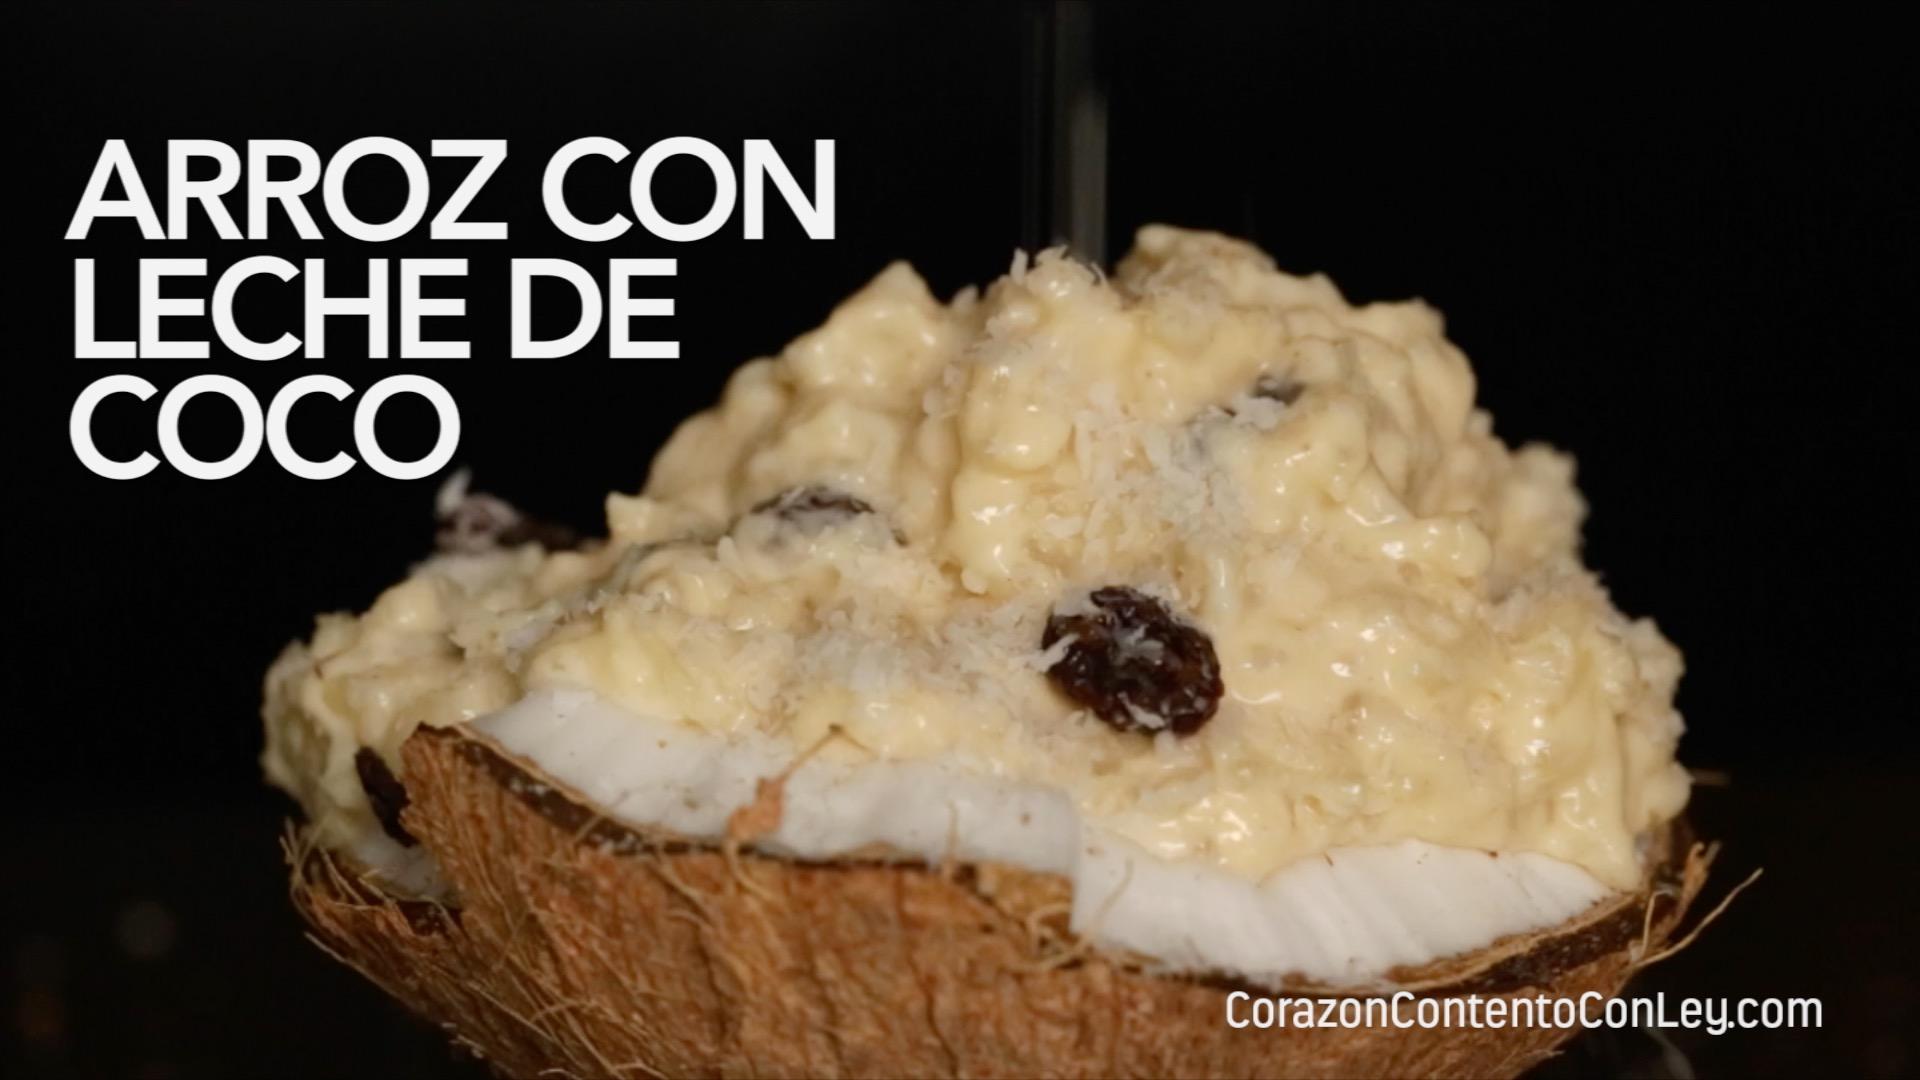 Coco De Arroz Leche Con